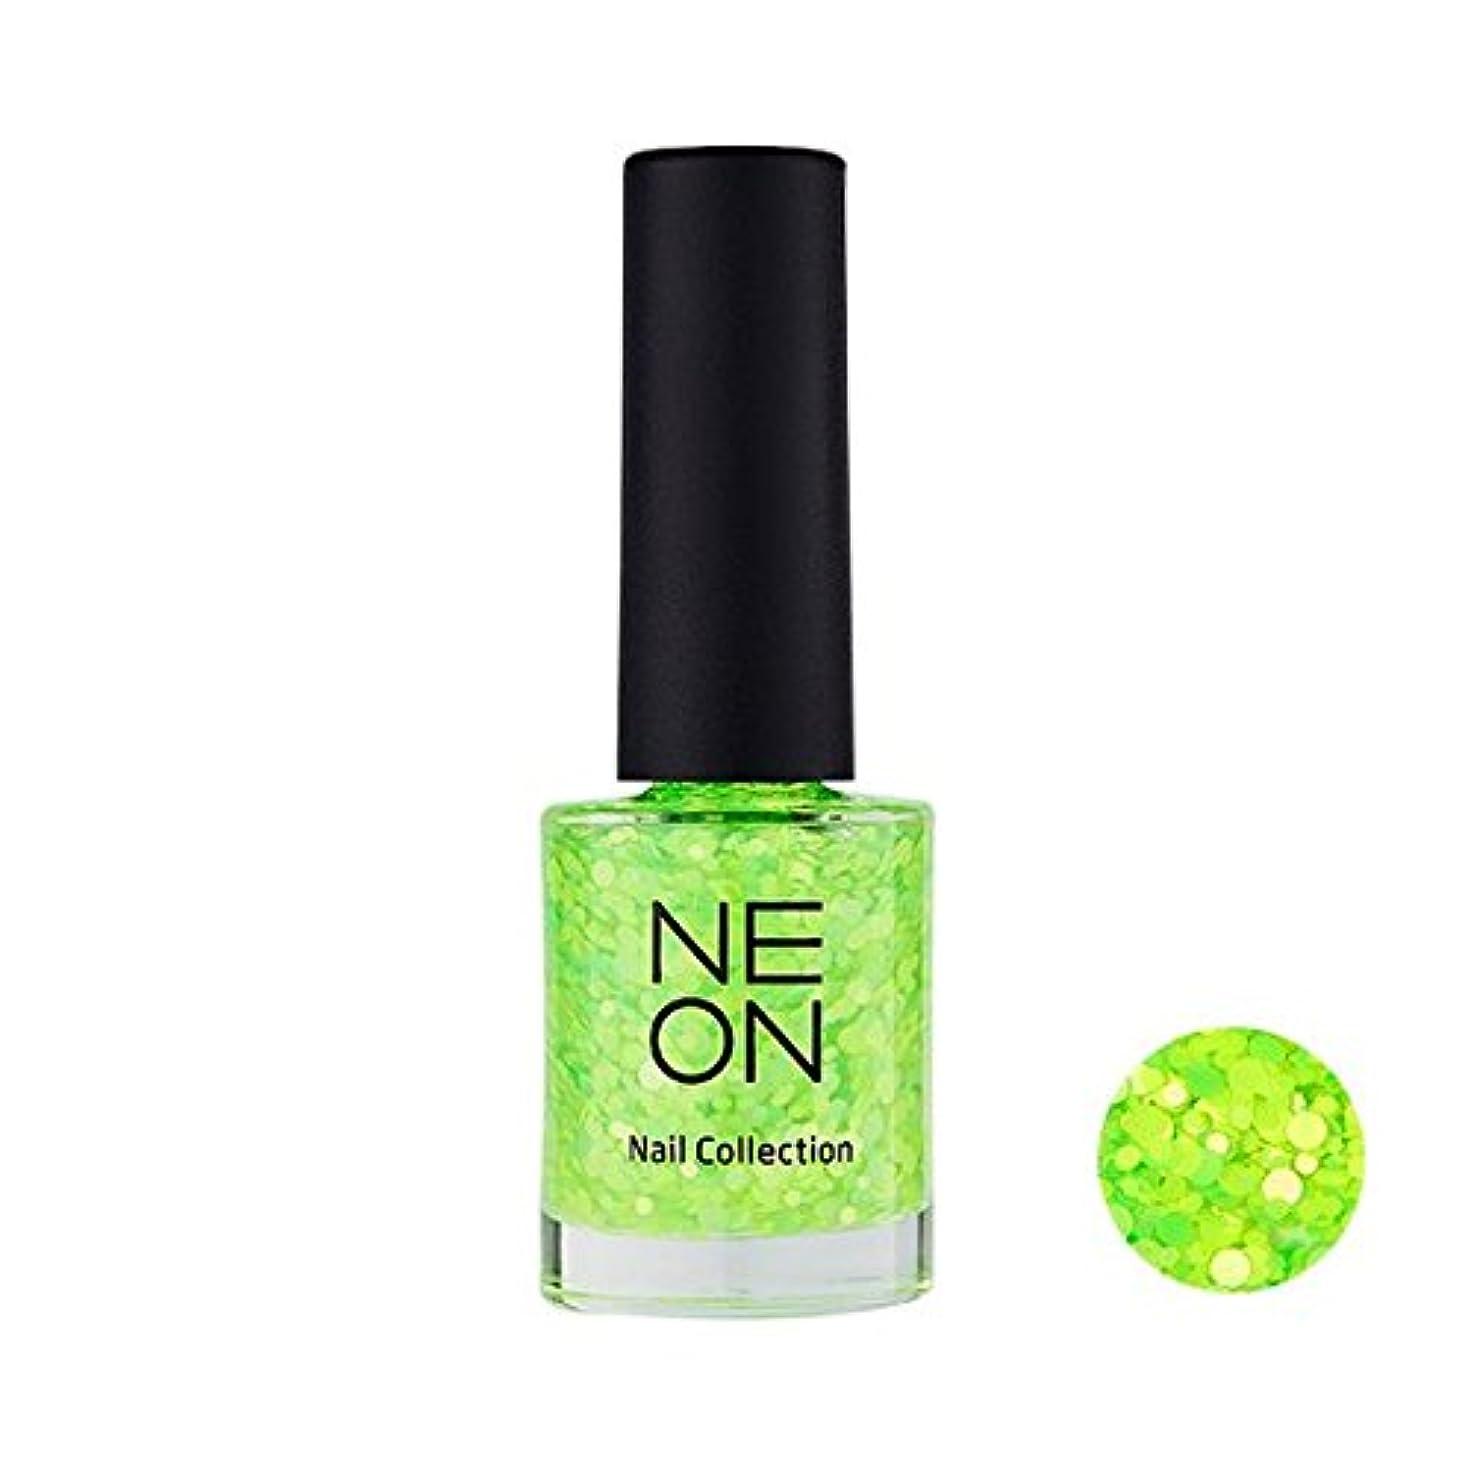 タイプ免疫略奪It'S SKIN Neon nail collection [04 Neon Glitter green] イッツスキン ネオンネイルコレクション [04 ネオン グリッター グリーン] [並行輸入品]